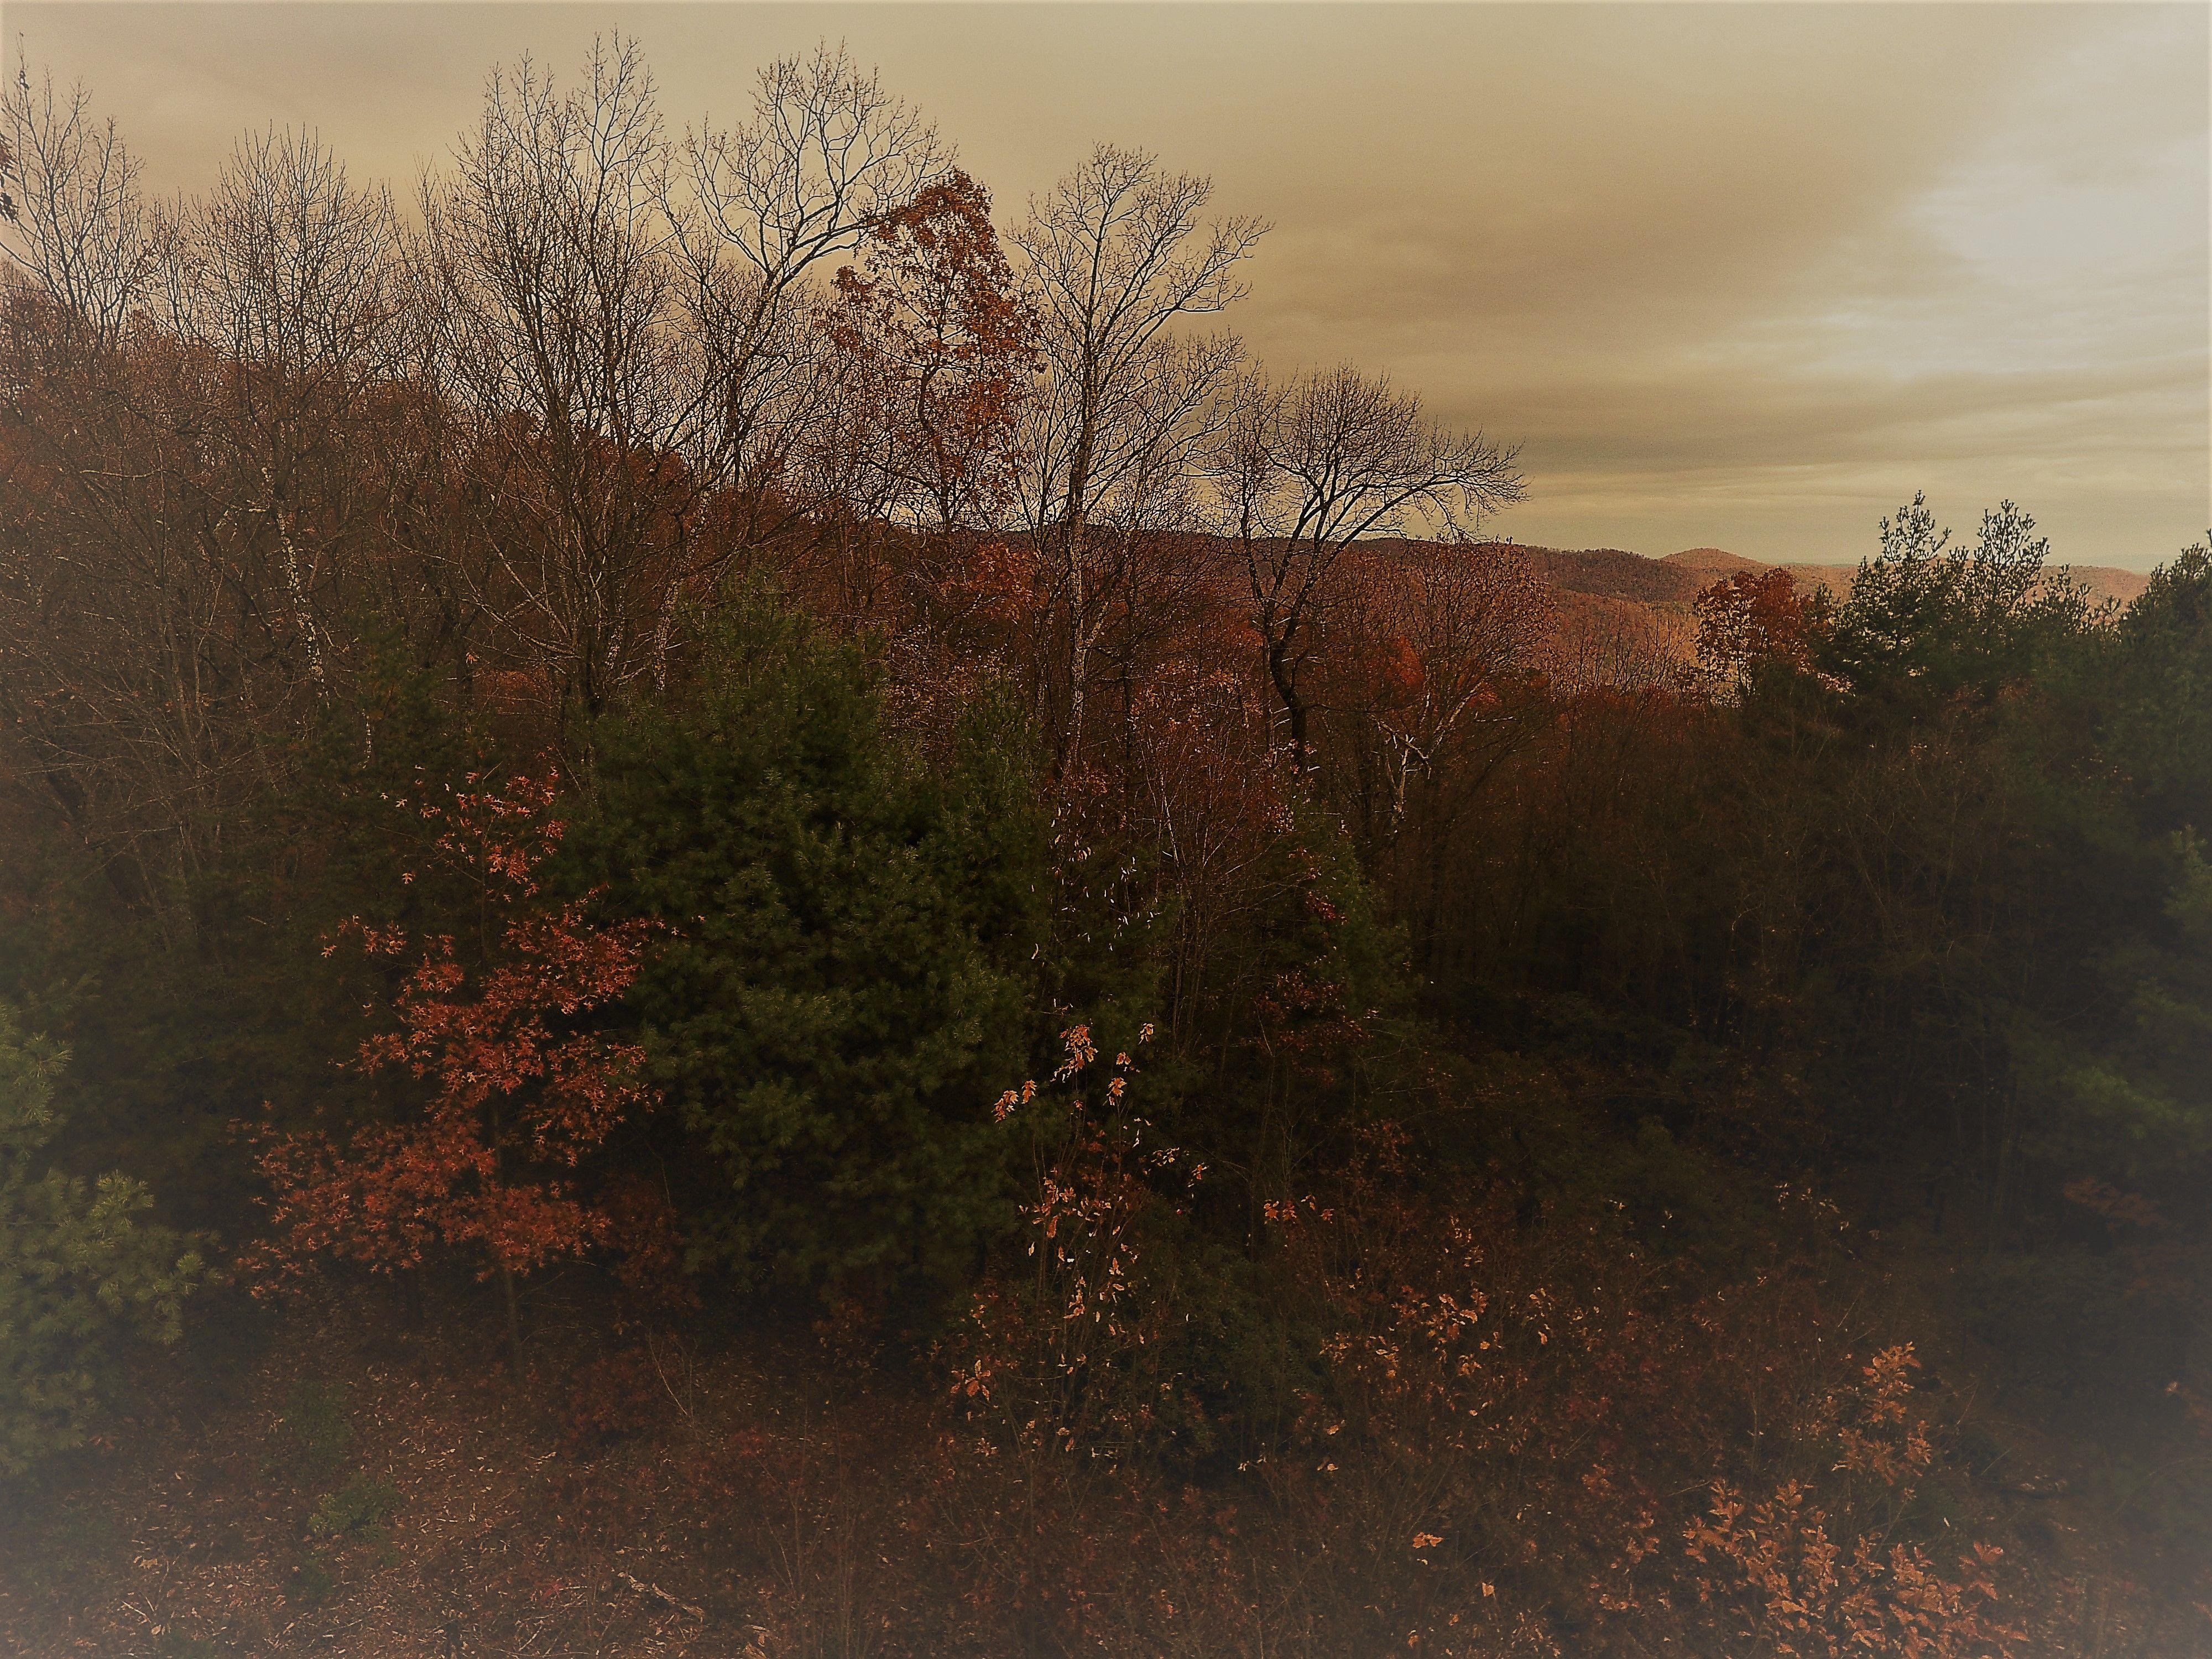 Mountain Property Brokerage image 18